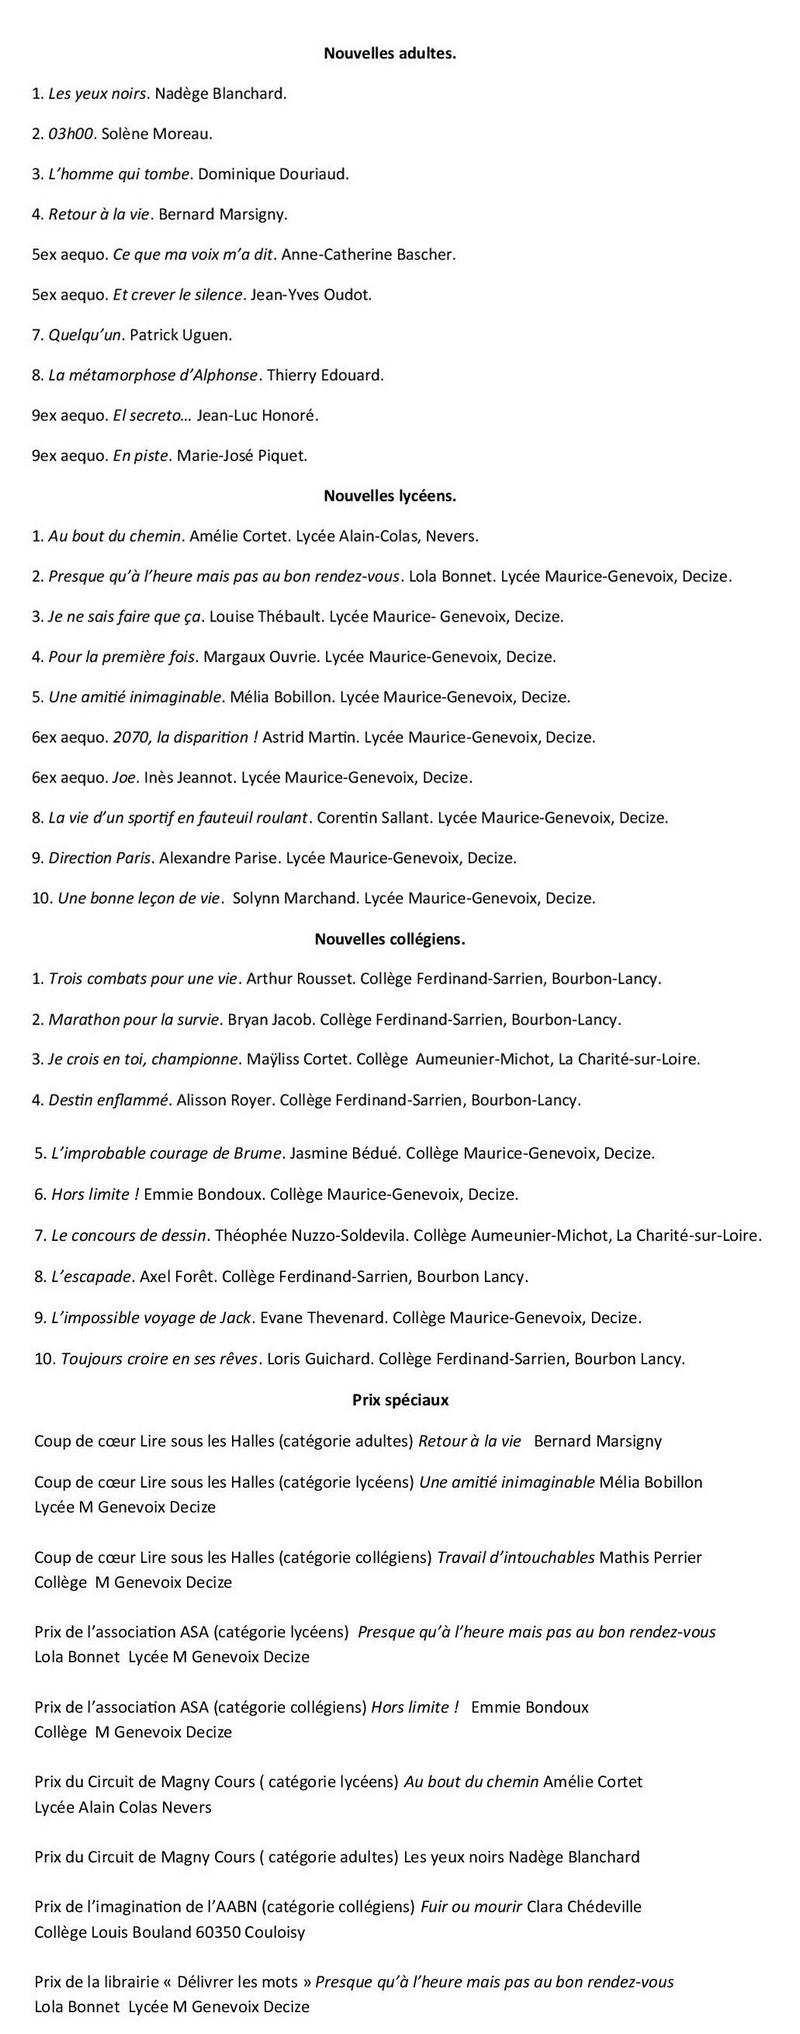 Résultats du 24ème Concours de Nouvelles